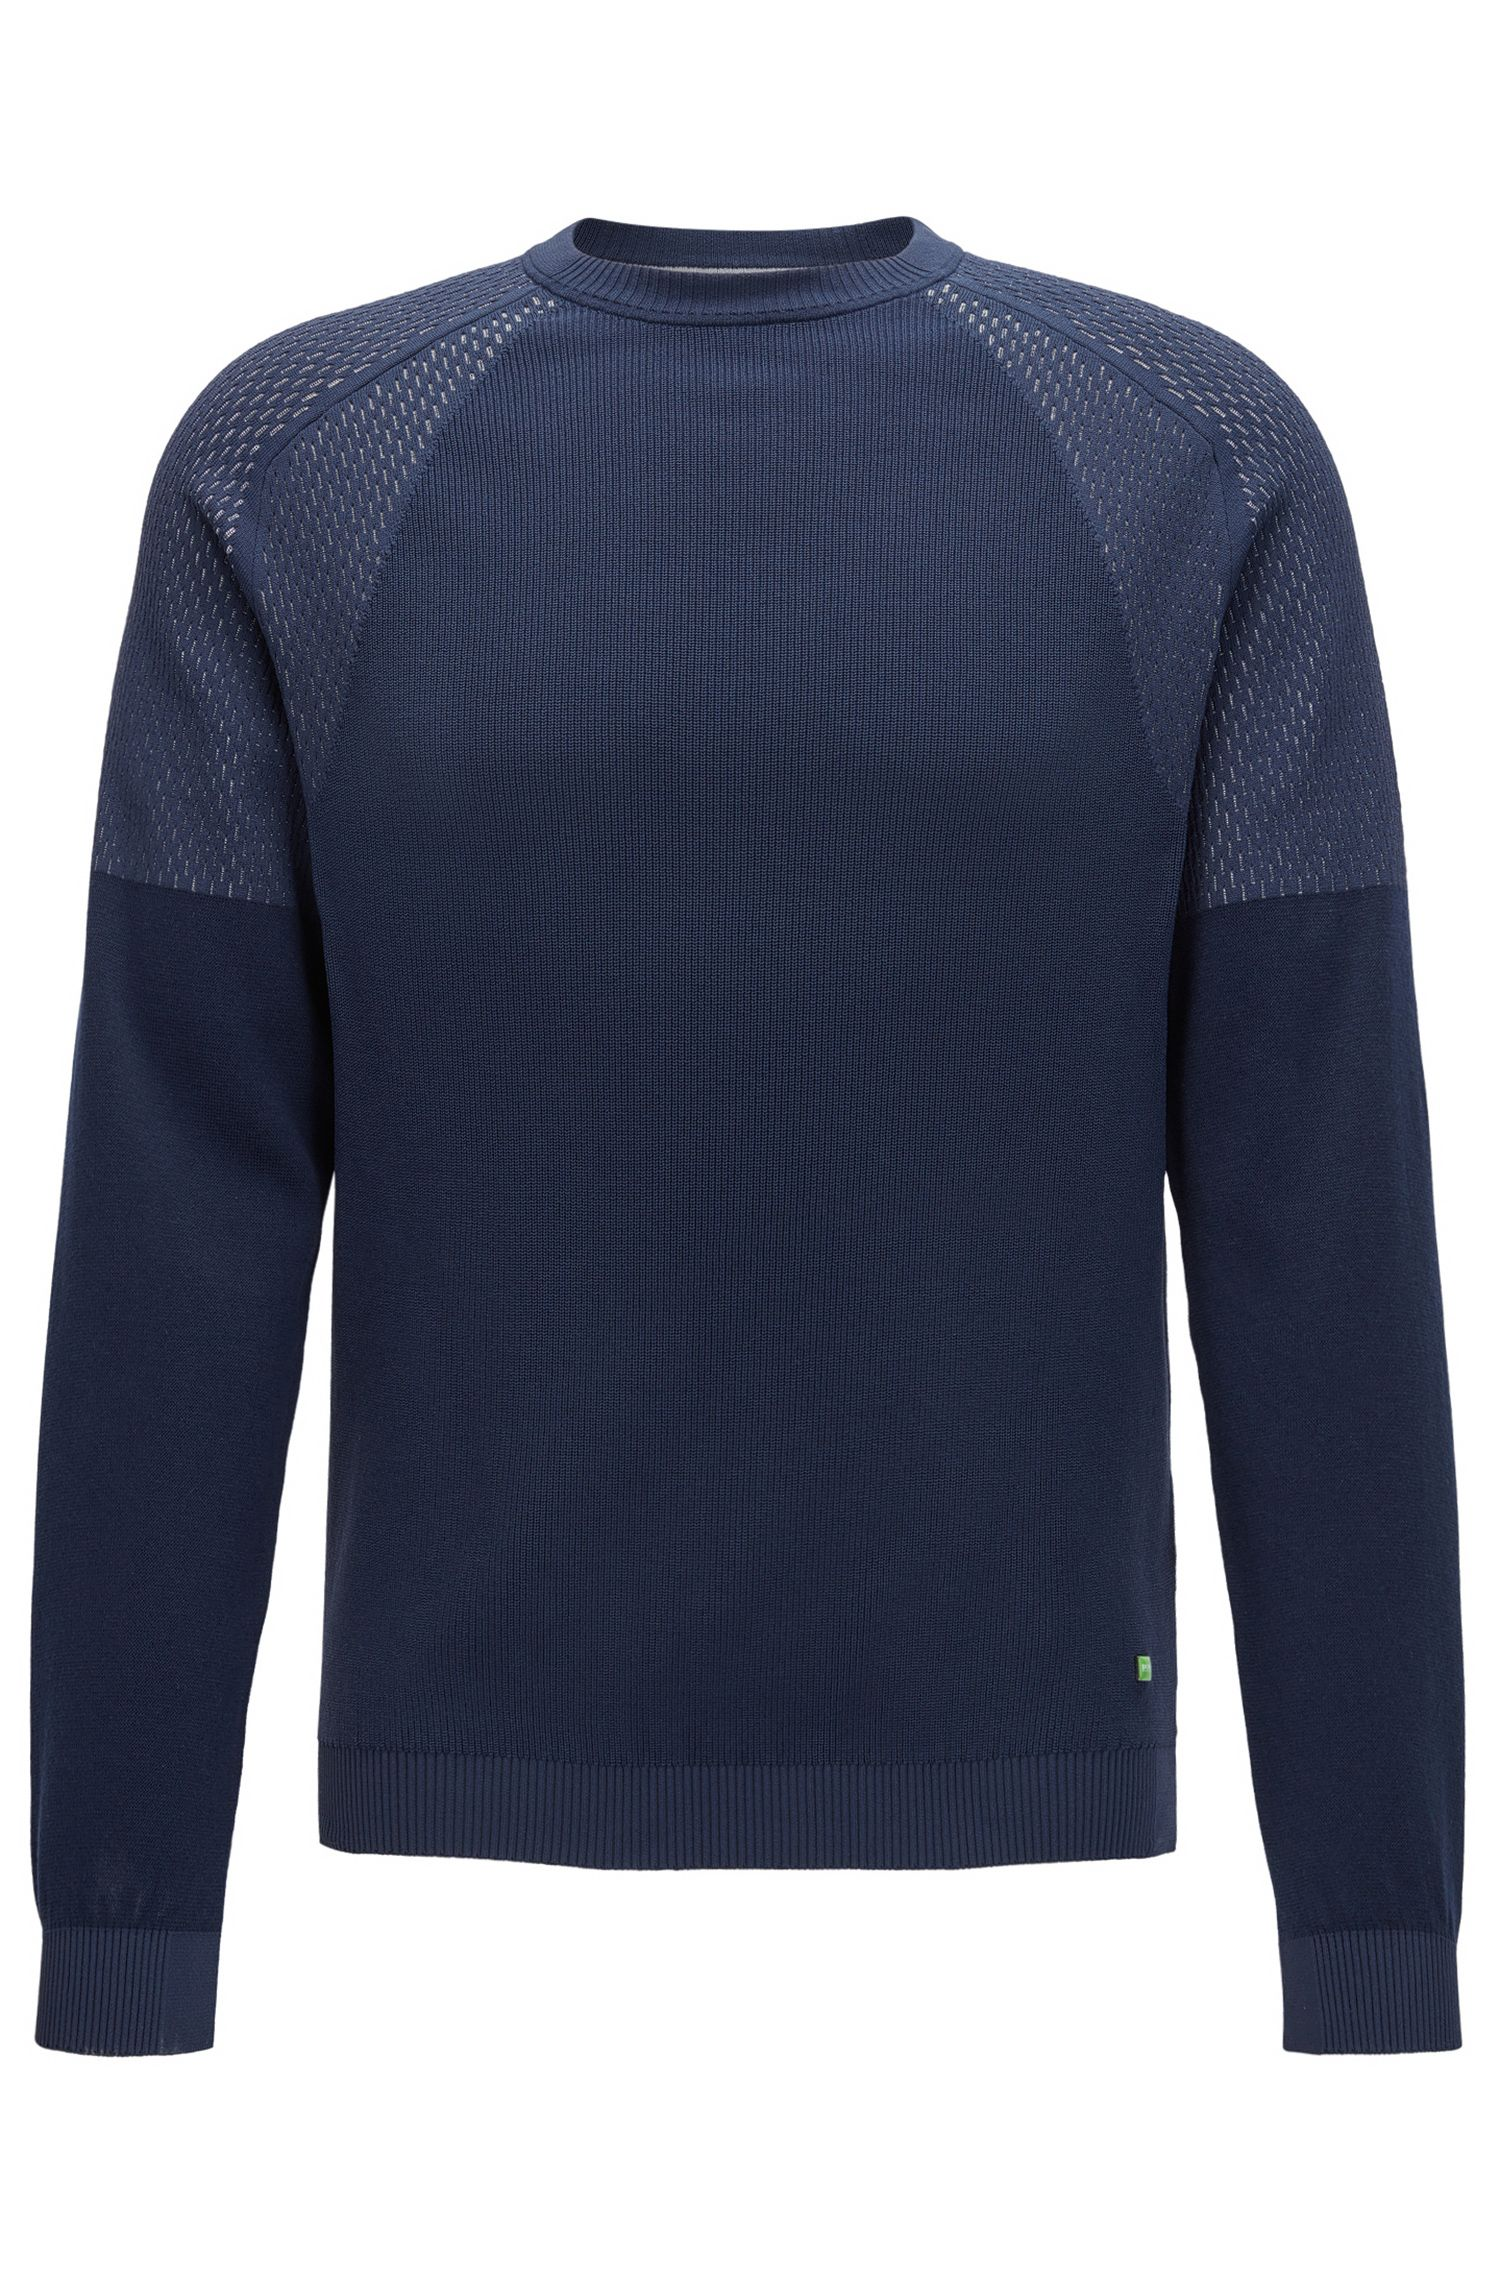 Jersey de cuello redondo con diferentes texturas